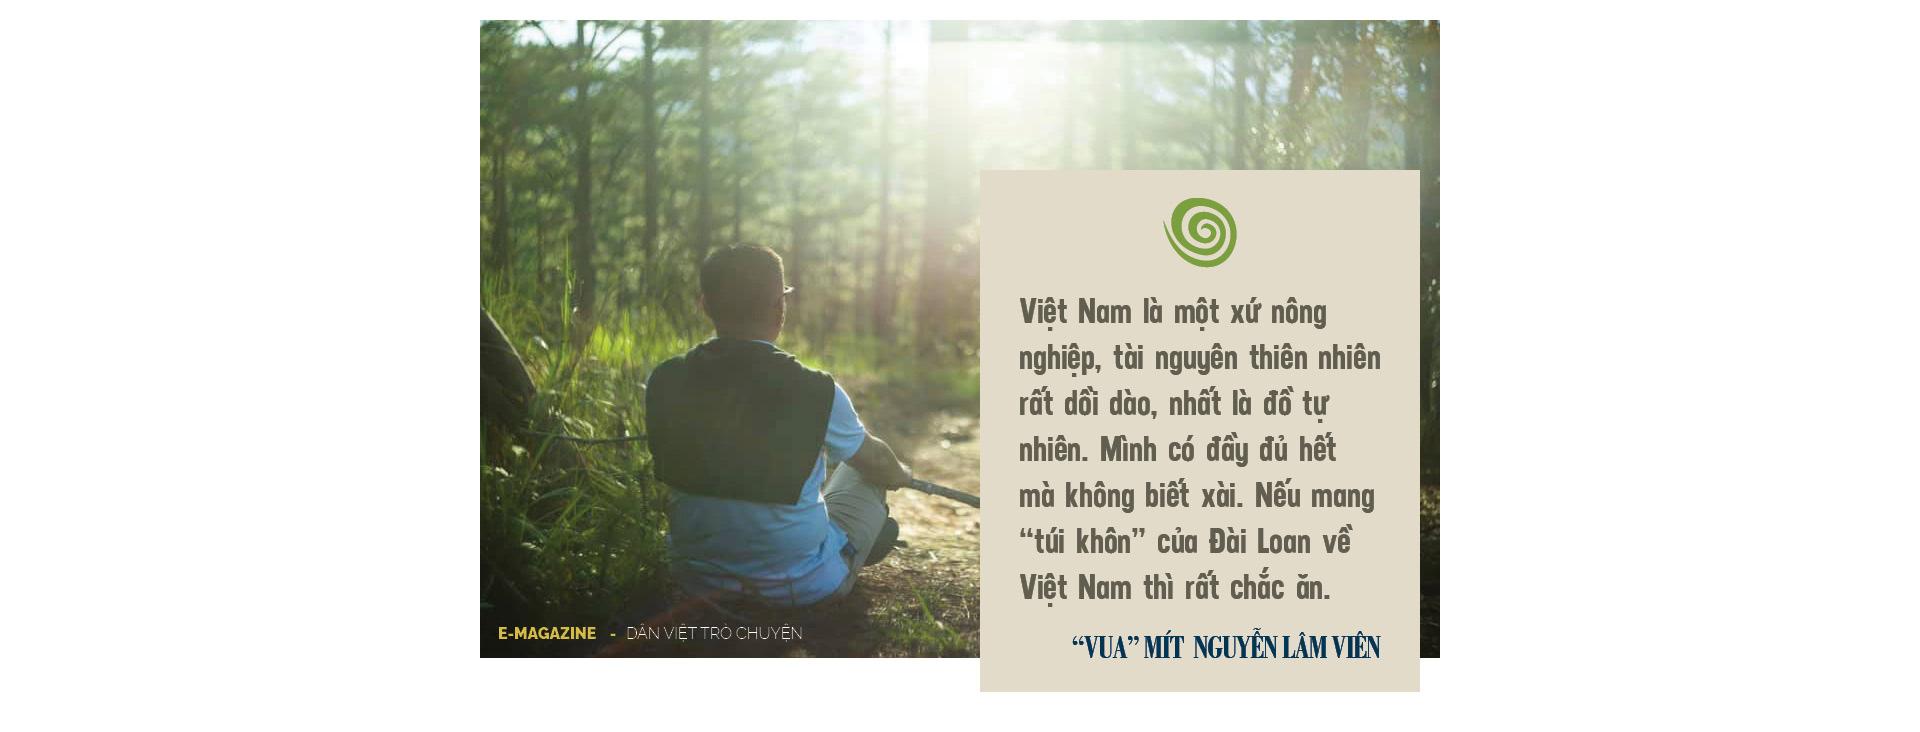 """""""Vua"""" mít  Nguyễn Lâm Viên – người được """"tẩy não"""" để làm nông nghiệp vì sự sống - Ảnh 2."""